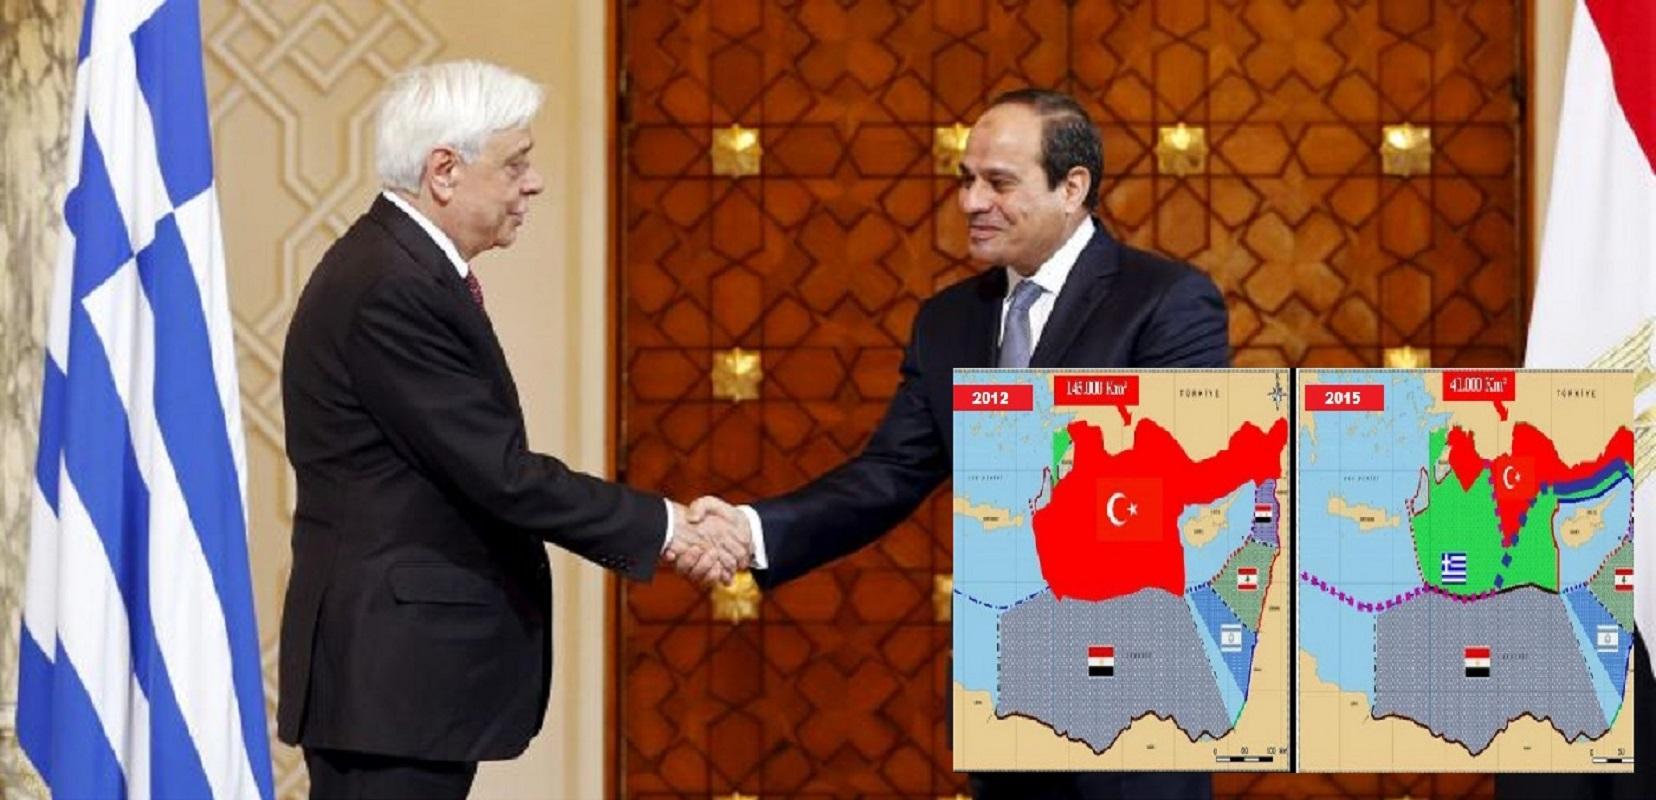 ΔΙΠΛΩΜΑΤΙΚΟΣ ΘΡΙΑΜΒΟΣ : Πως ο ΠτΔ Προκόπης Παυλόπουλος απέτρεψε την Συμφωνία ΑΟΖ Τουρκίας – Αιγύπτου το 2015